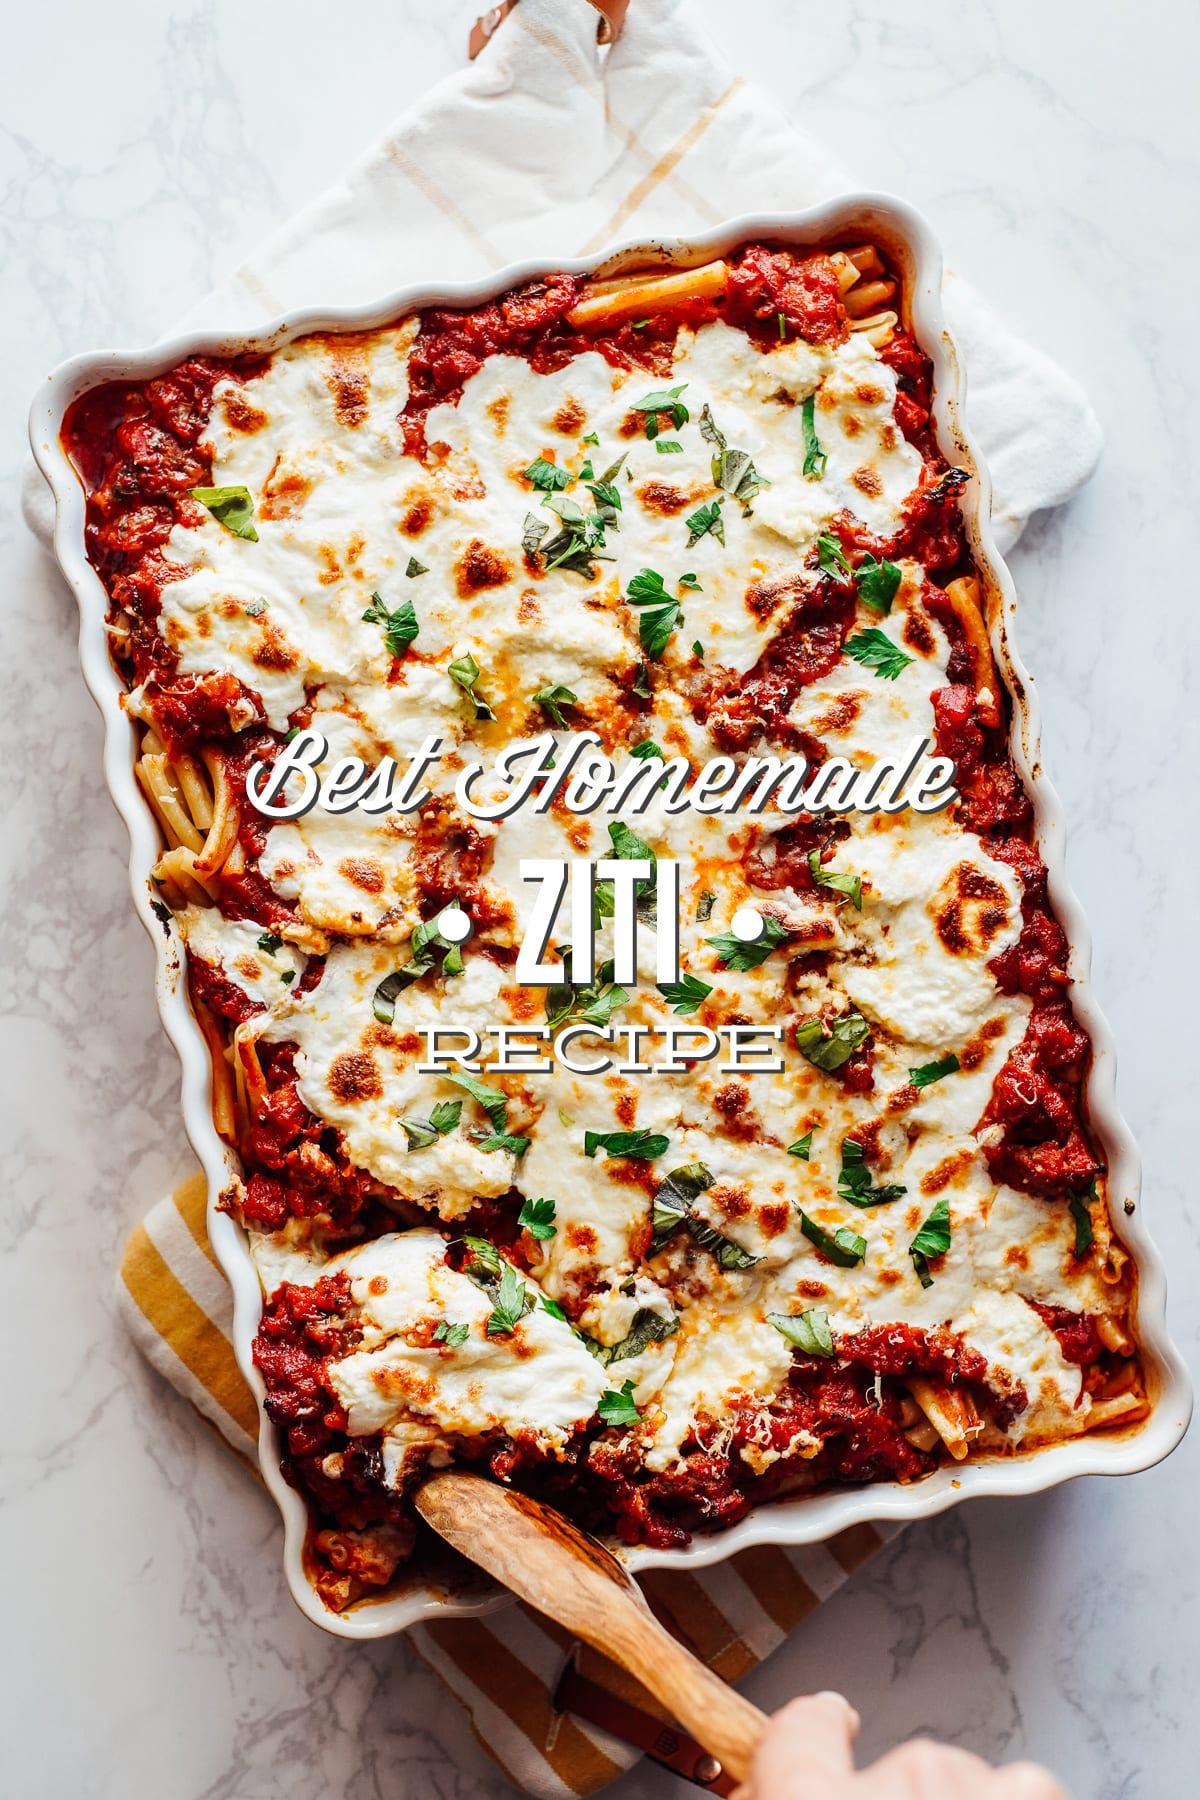 Best Homemade Ziti Recipe